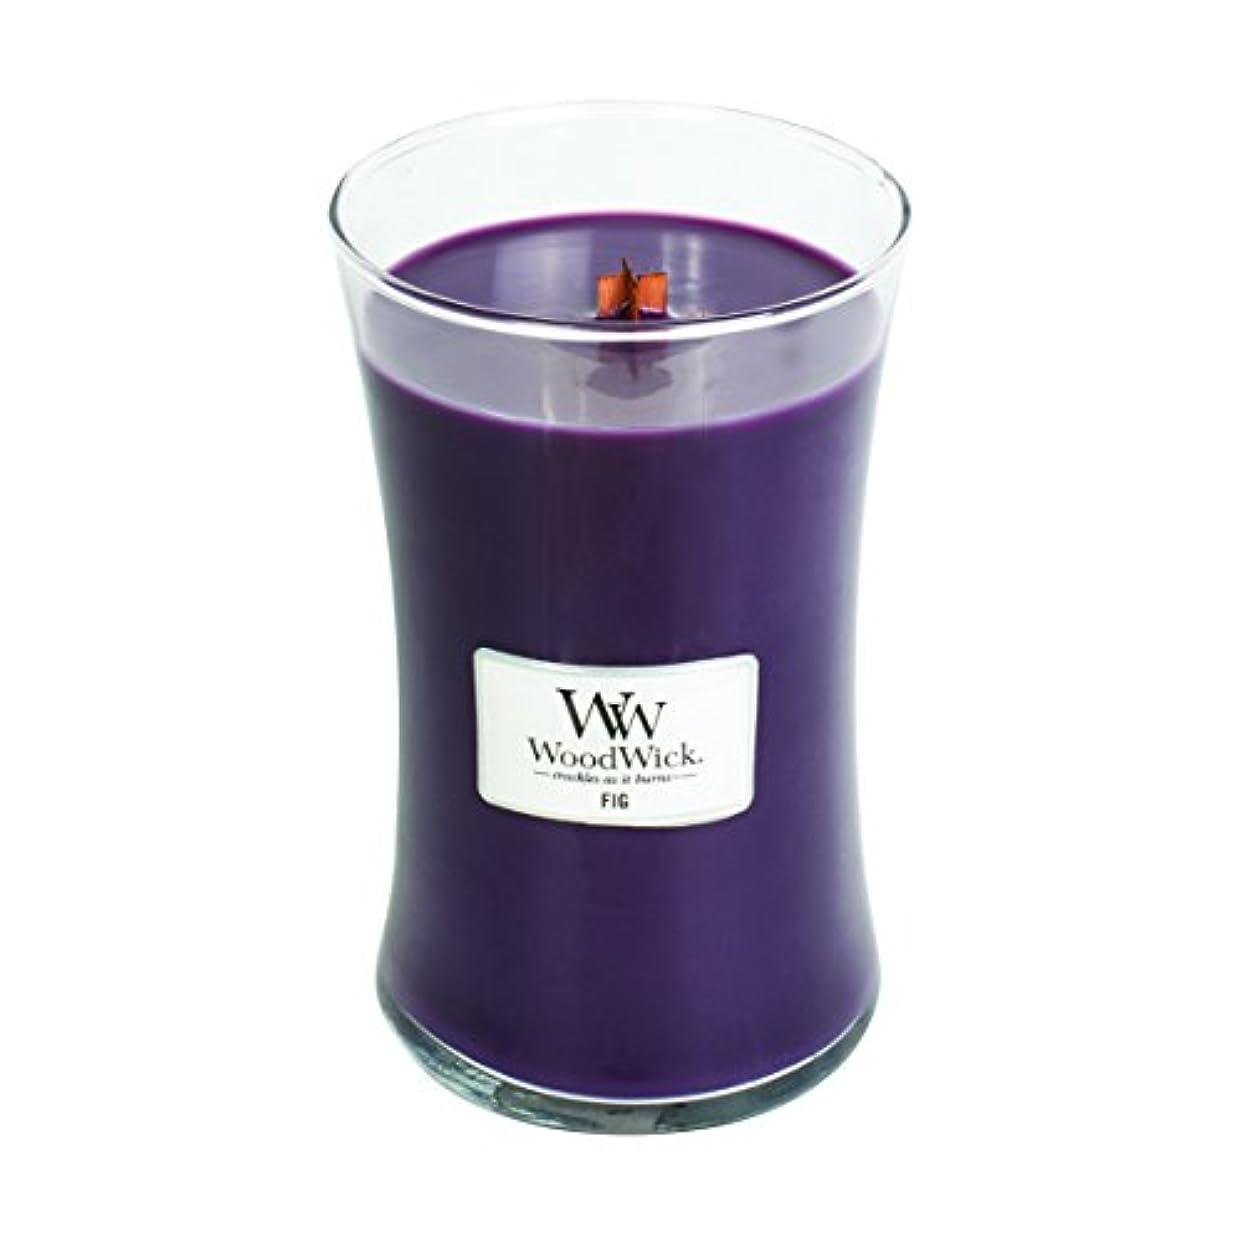 ブラインド構造フォアマンFig – WoodWick 22oz Medium Jar Candle Burns 180時間